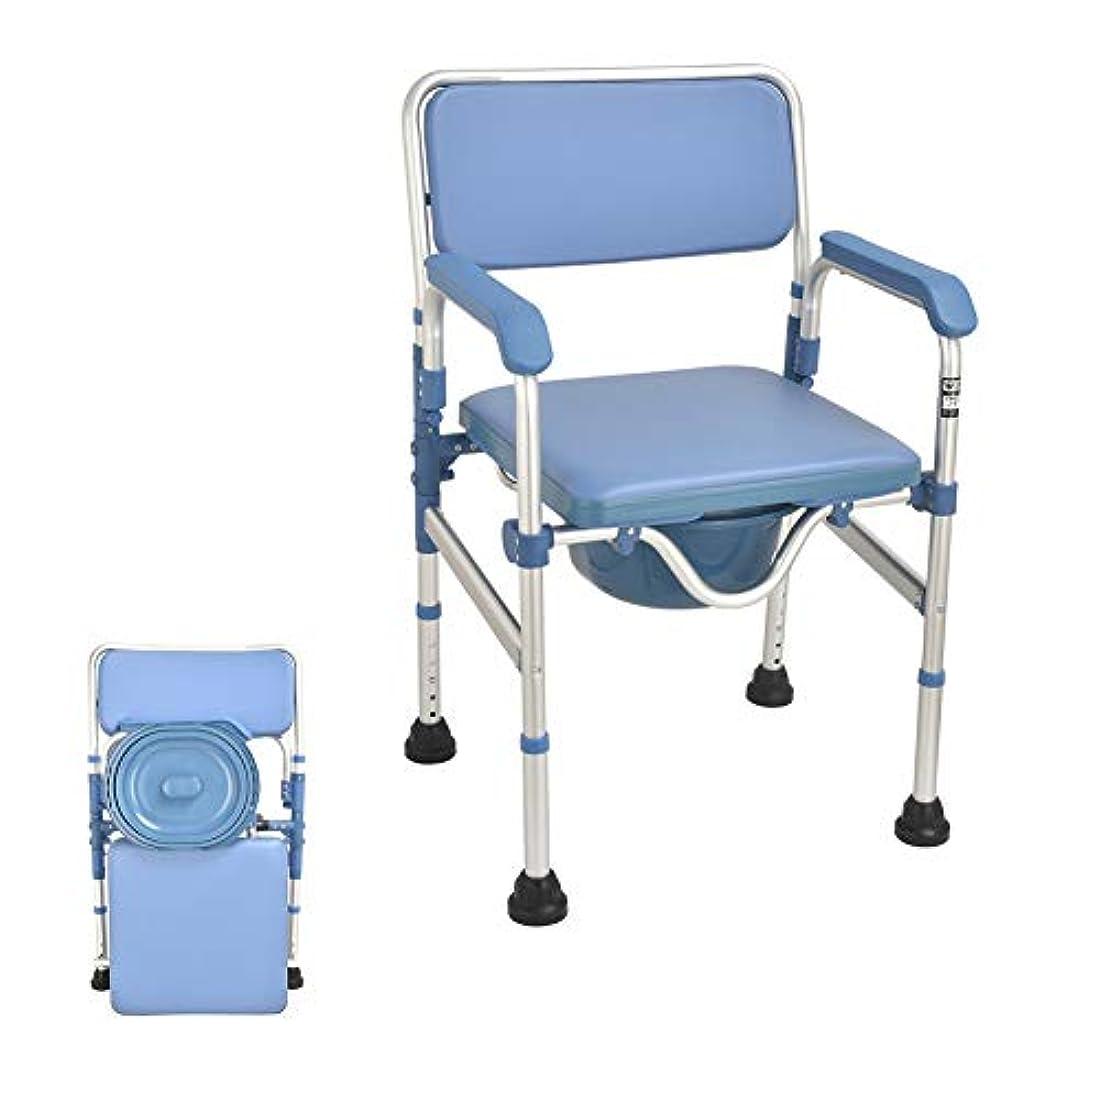 作詞家服を着る長椅子高齢者のための豪華なトイレの椅子、障害者のためのアルミ合金ノンスリップ防水議長の携帯トイレ、トイレシート/チェア/ソファチェアシャワー